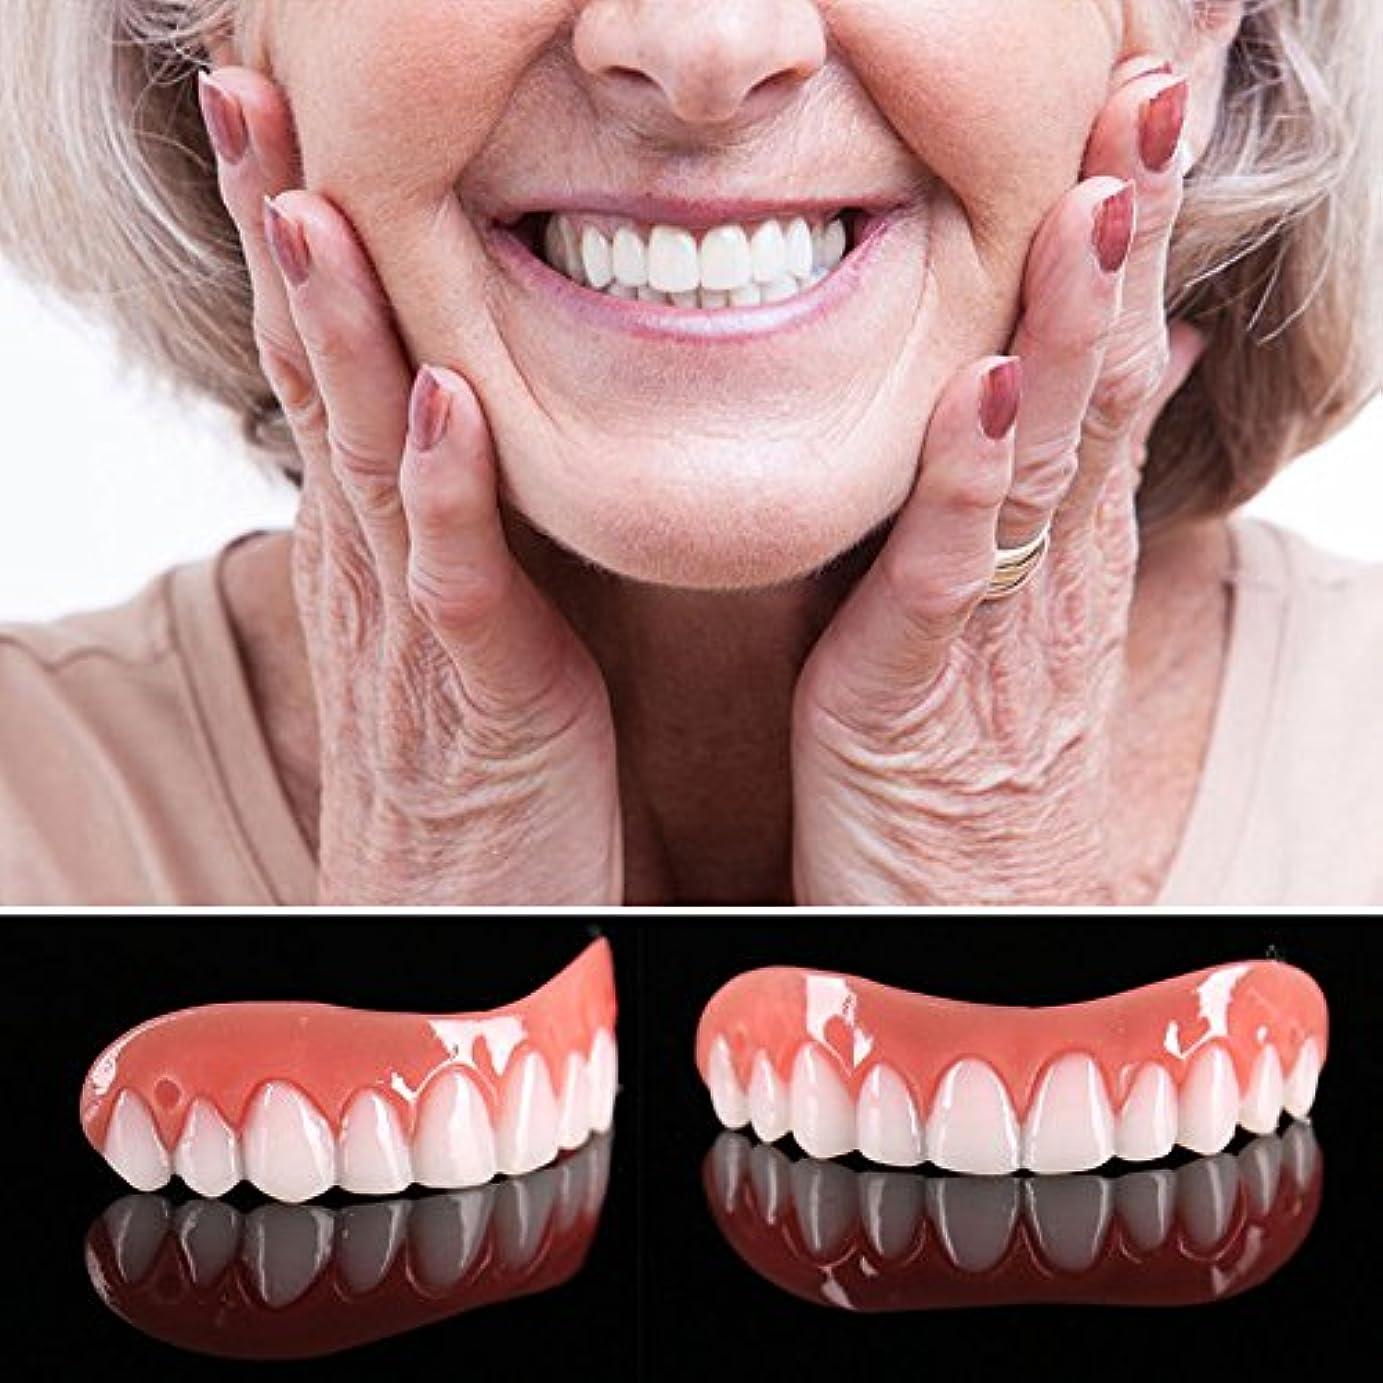 幻影攻撃ではごきげんよう5ピースアッパーフェイク歯科用ベニアコンフォートフィット歯トップ化粧品ベニアワンサイズフィットすべての義歯接着剤歯偽義歯歯笑顔